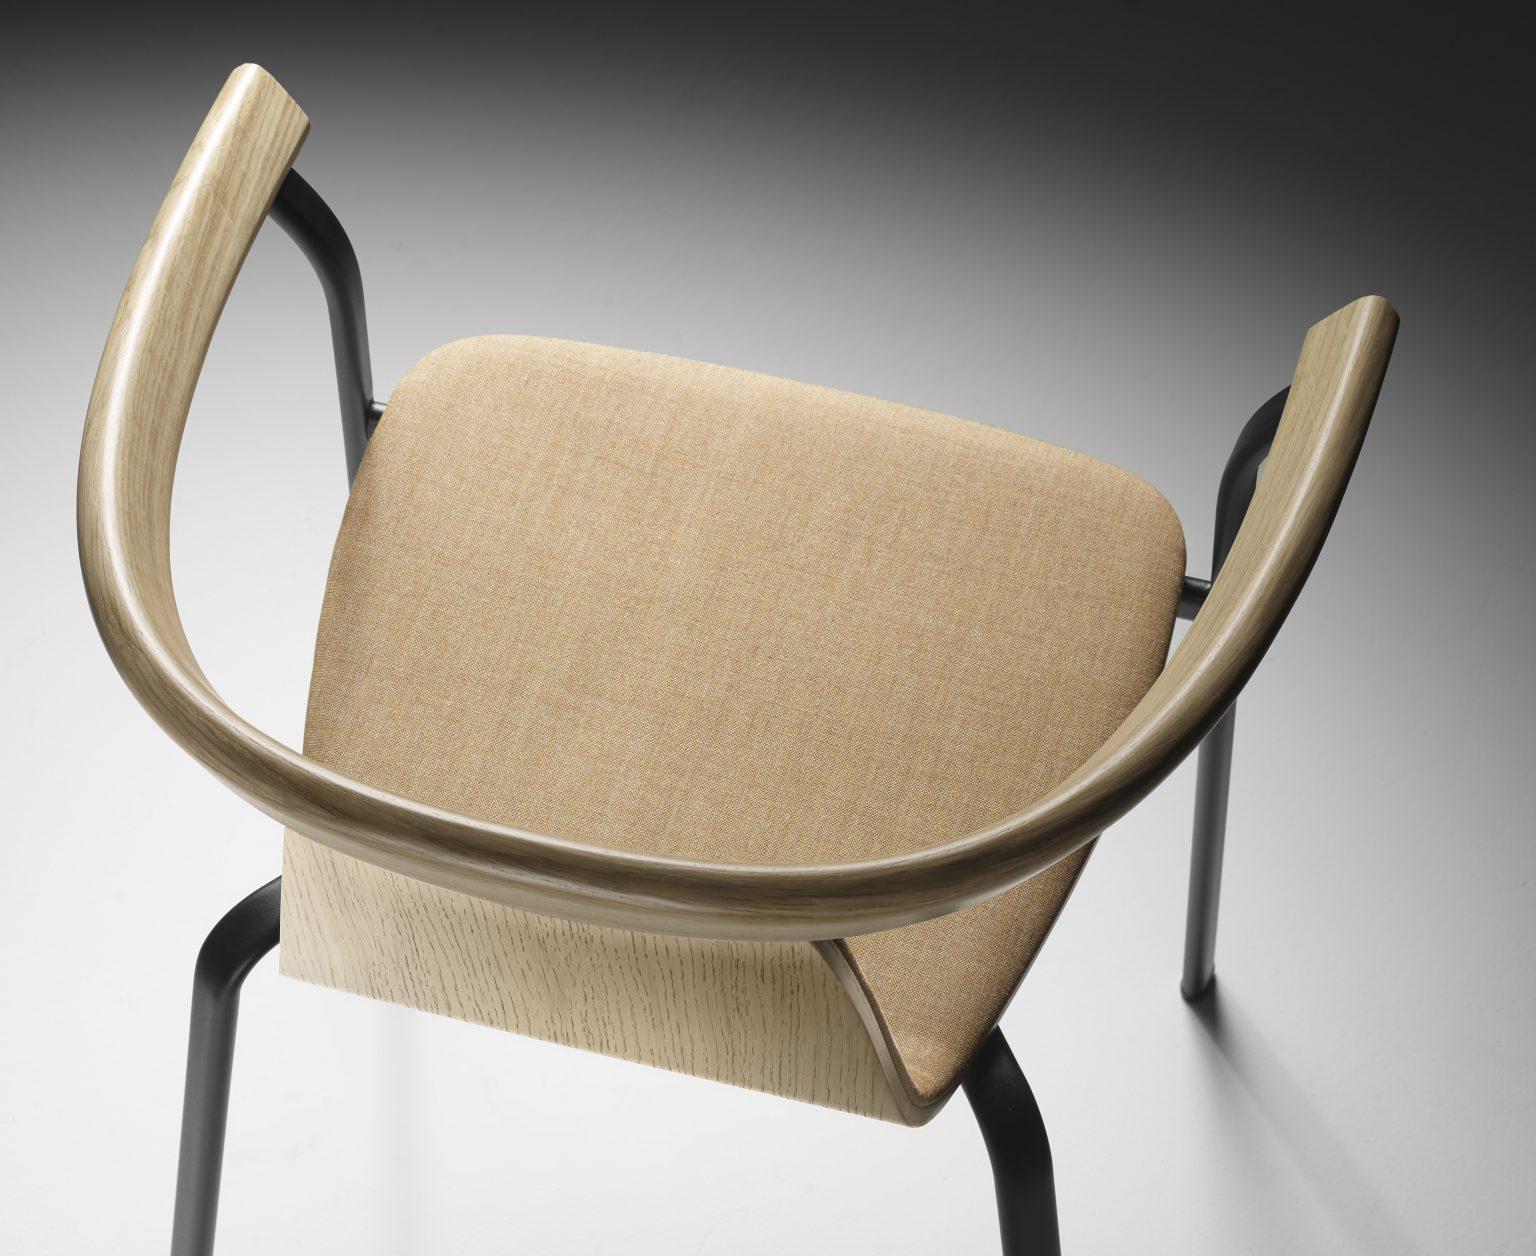 Biennale Interieur - Belgium's leading design and interior event - Alki-atal-fuwl-41.jpg